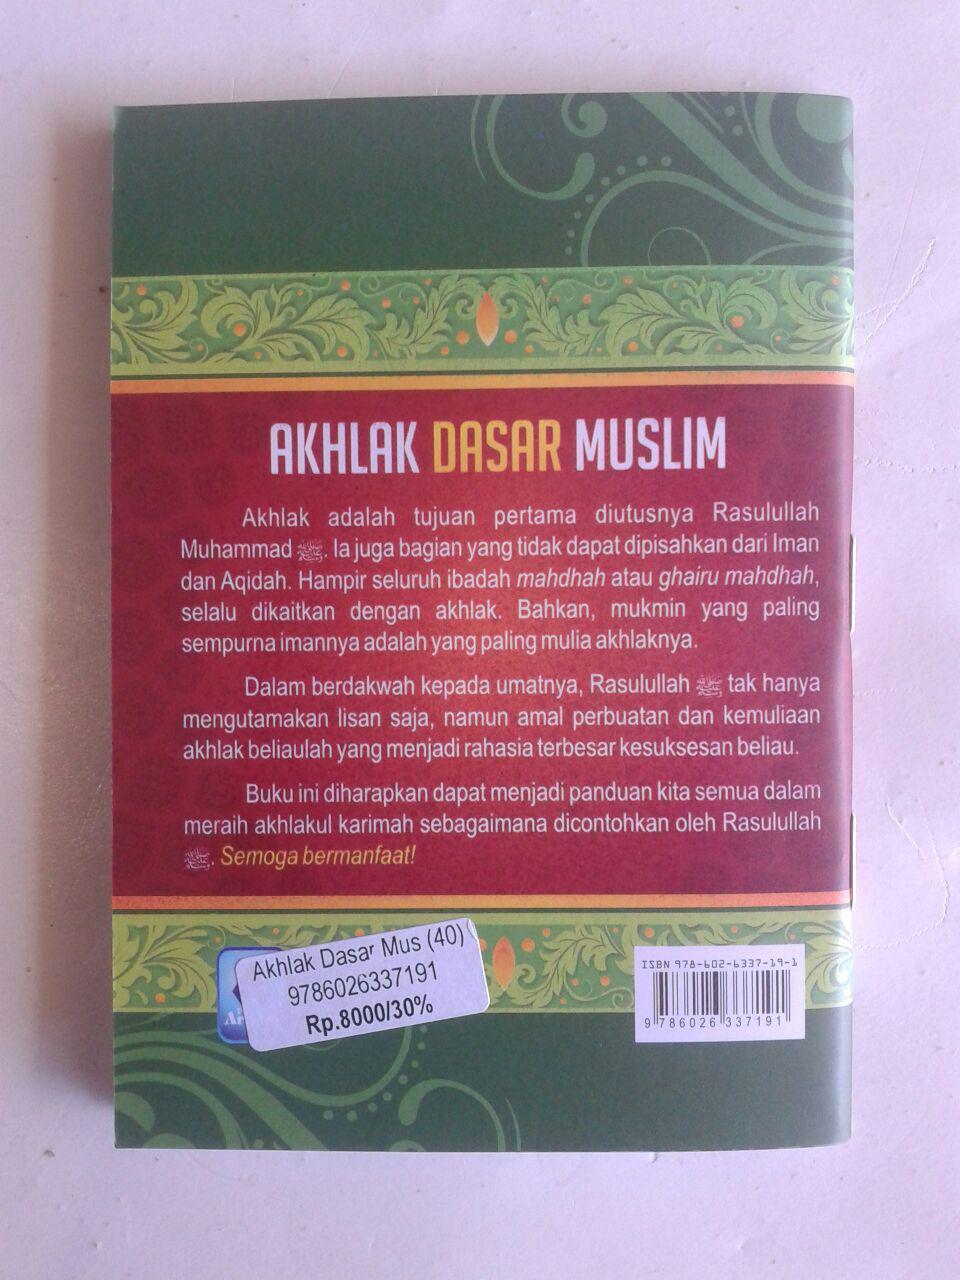 Buku Saku Akhlak Dasar Muslim cover